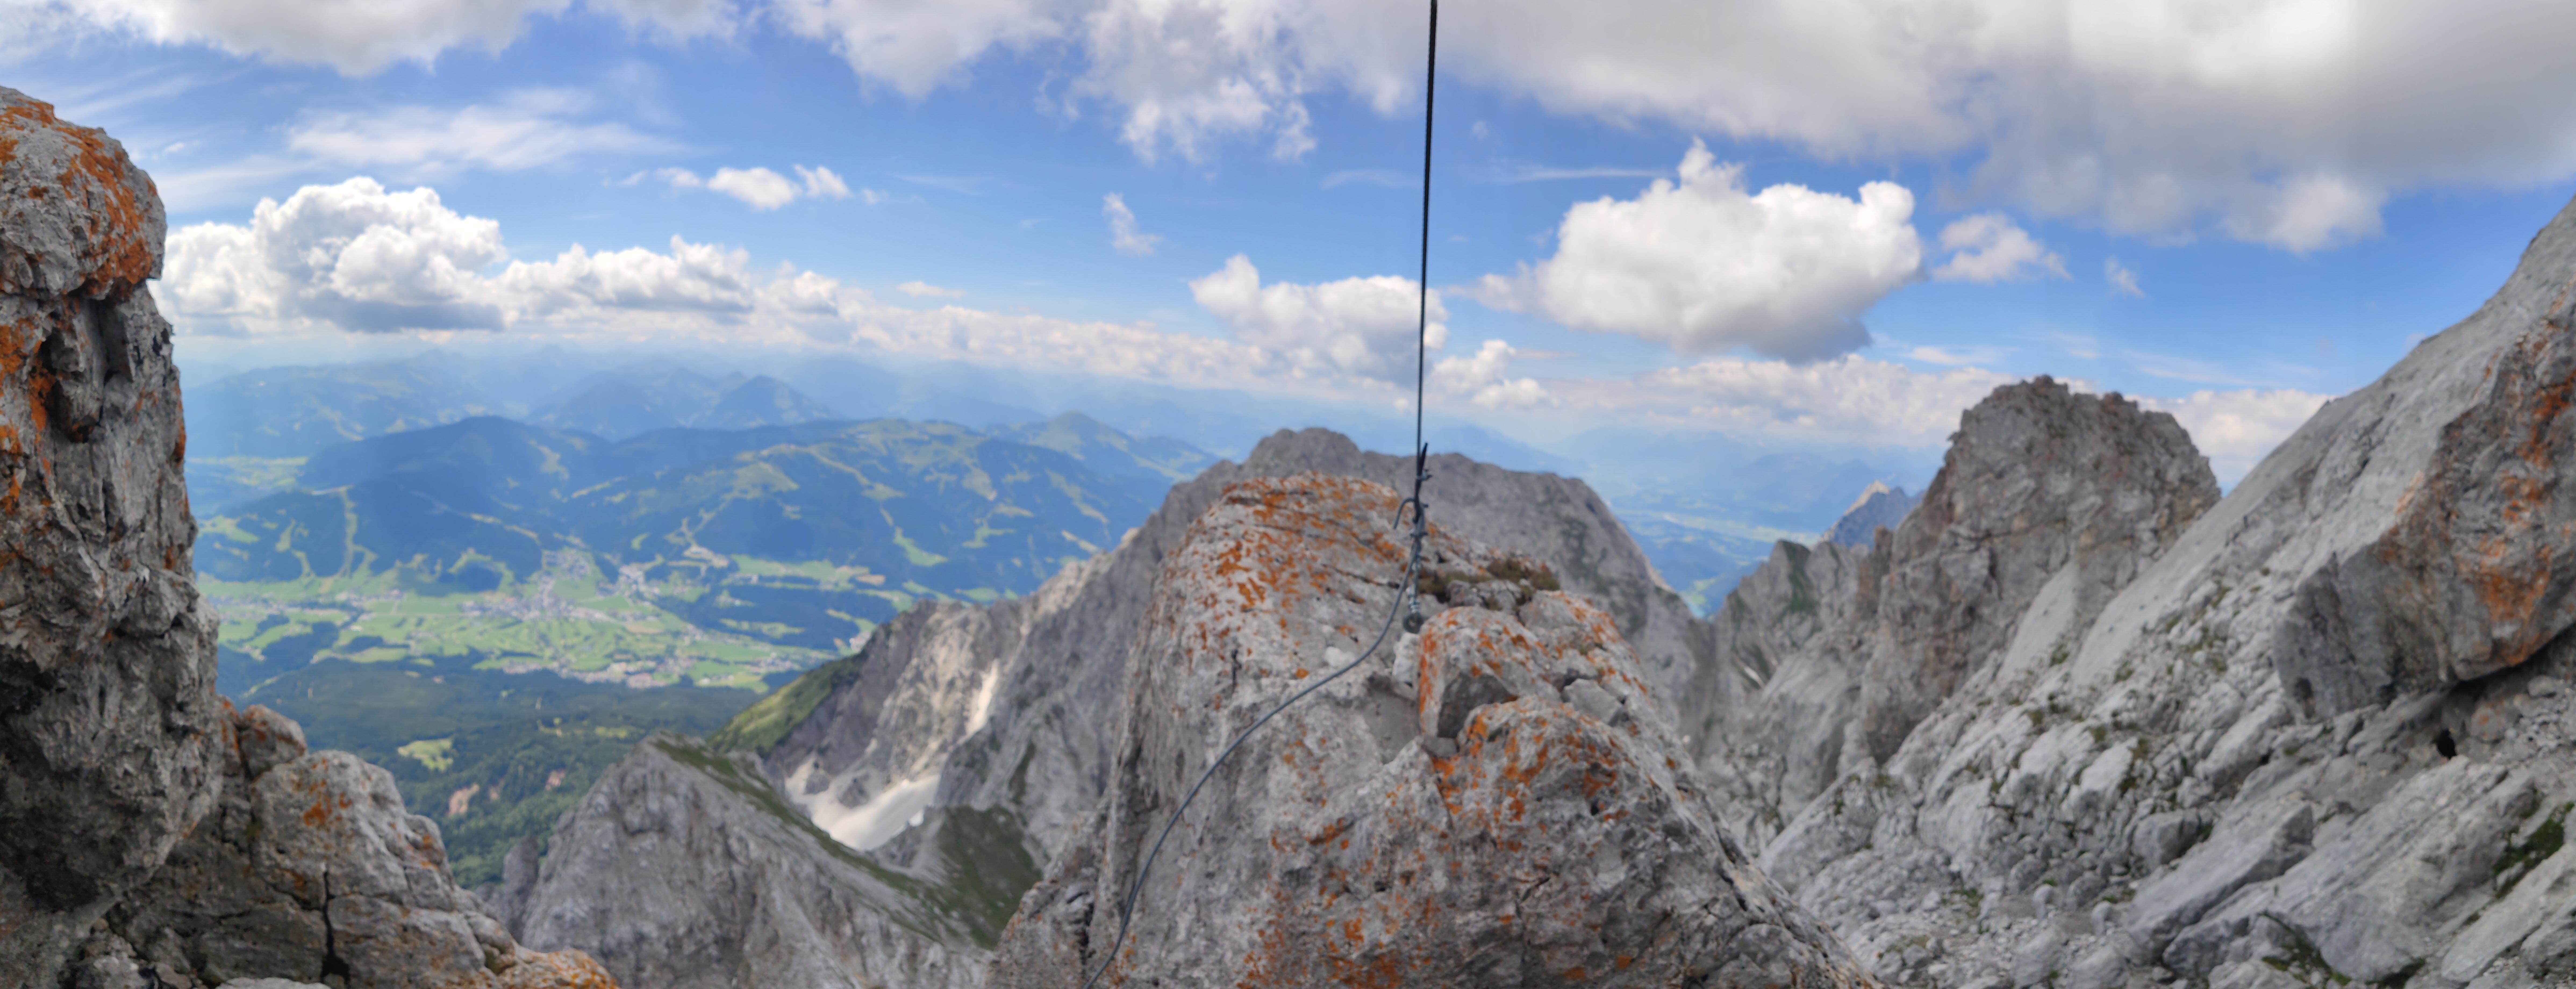 Klettersteig zum Ellmauer Halt (Wilder Kaiser, 2344m)